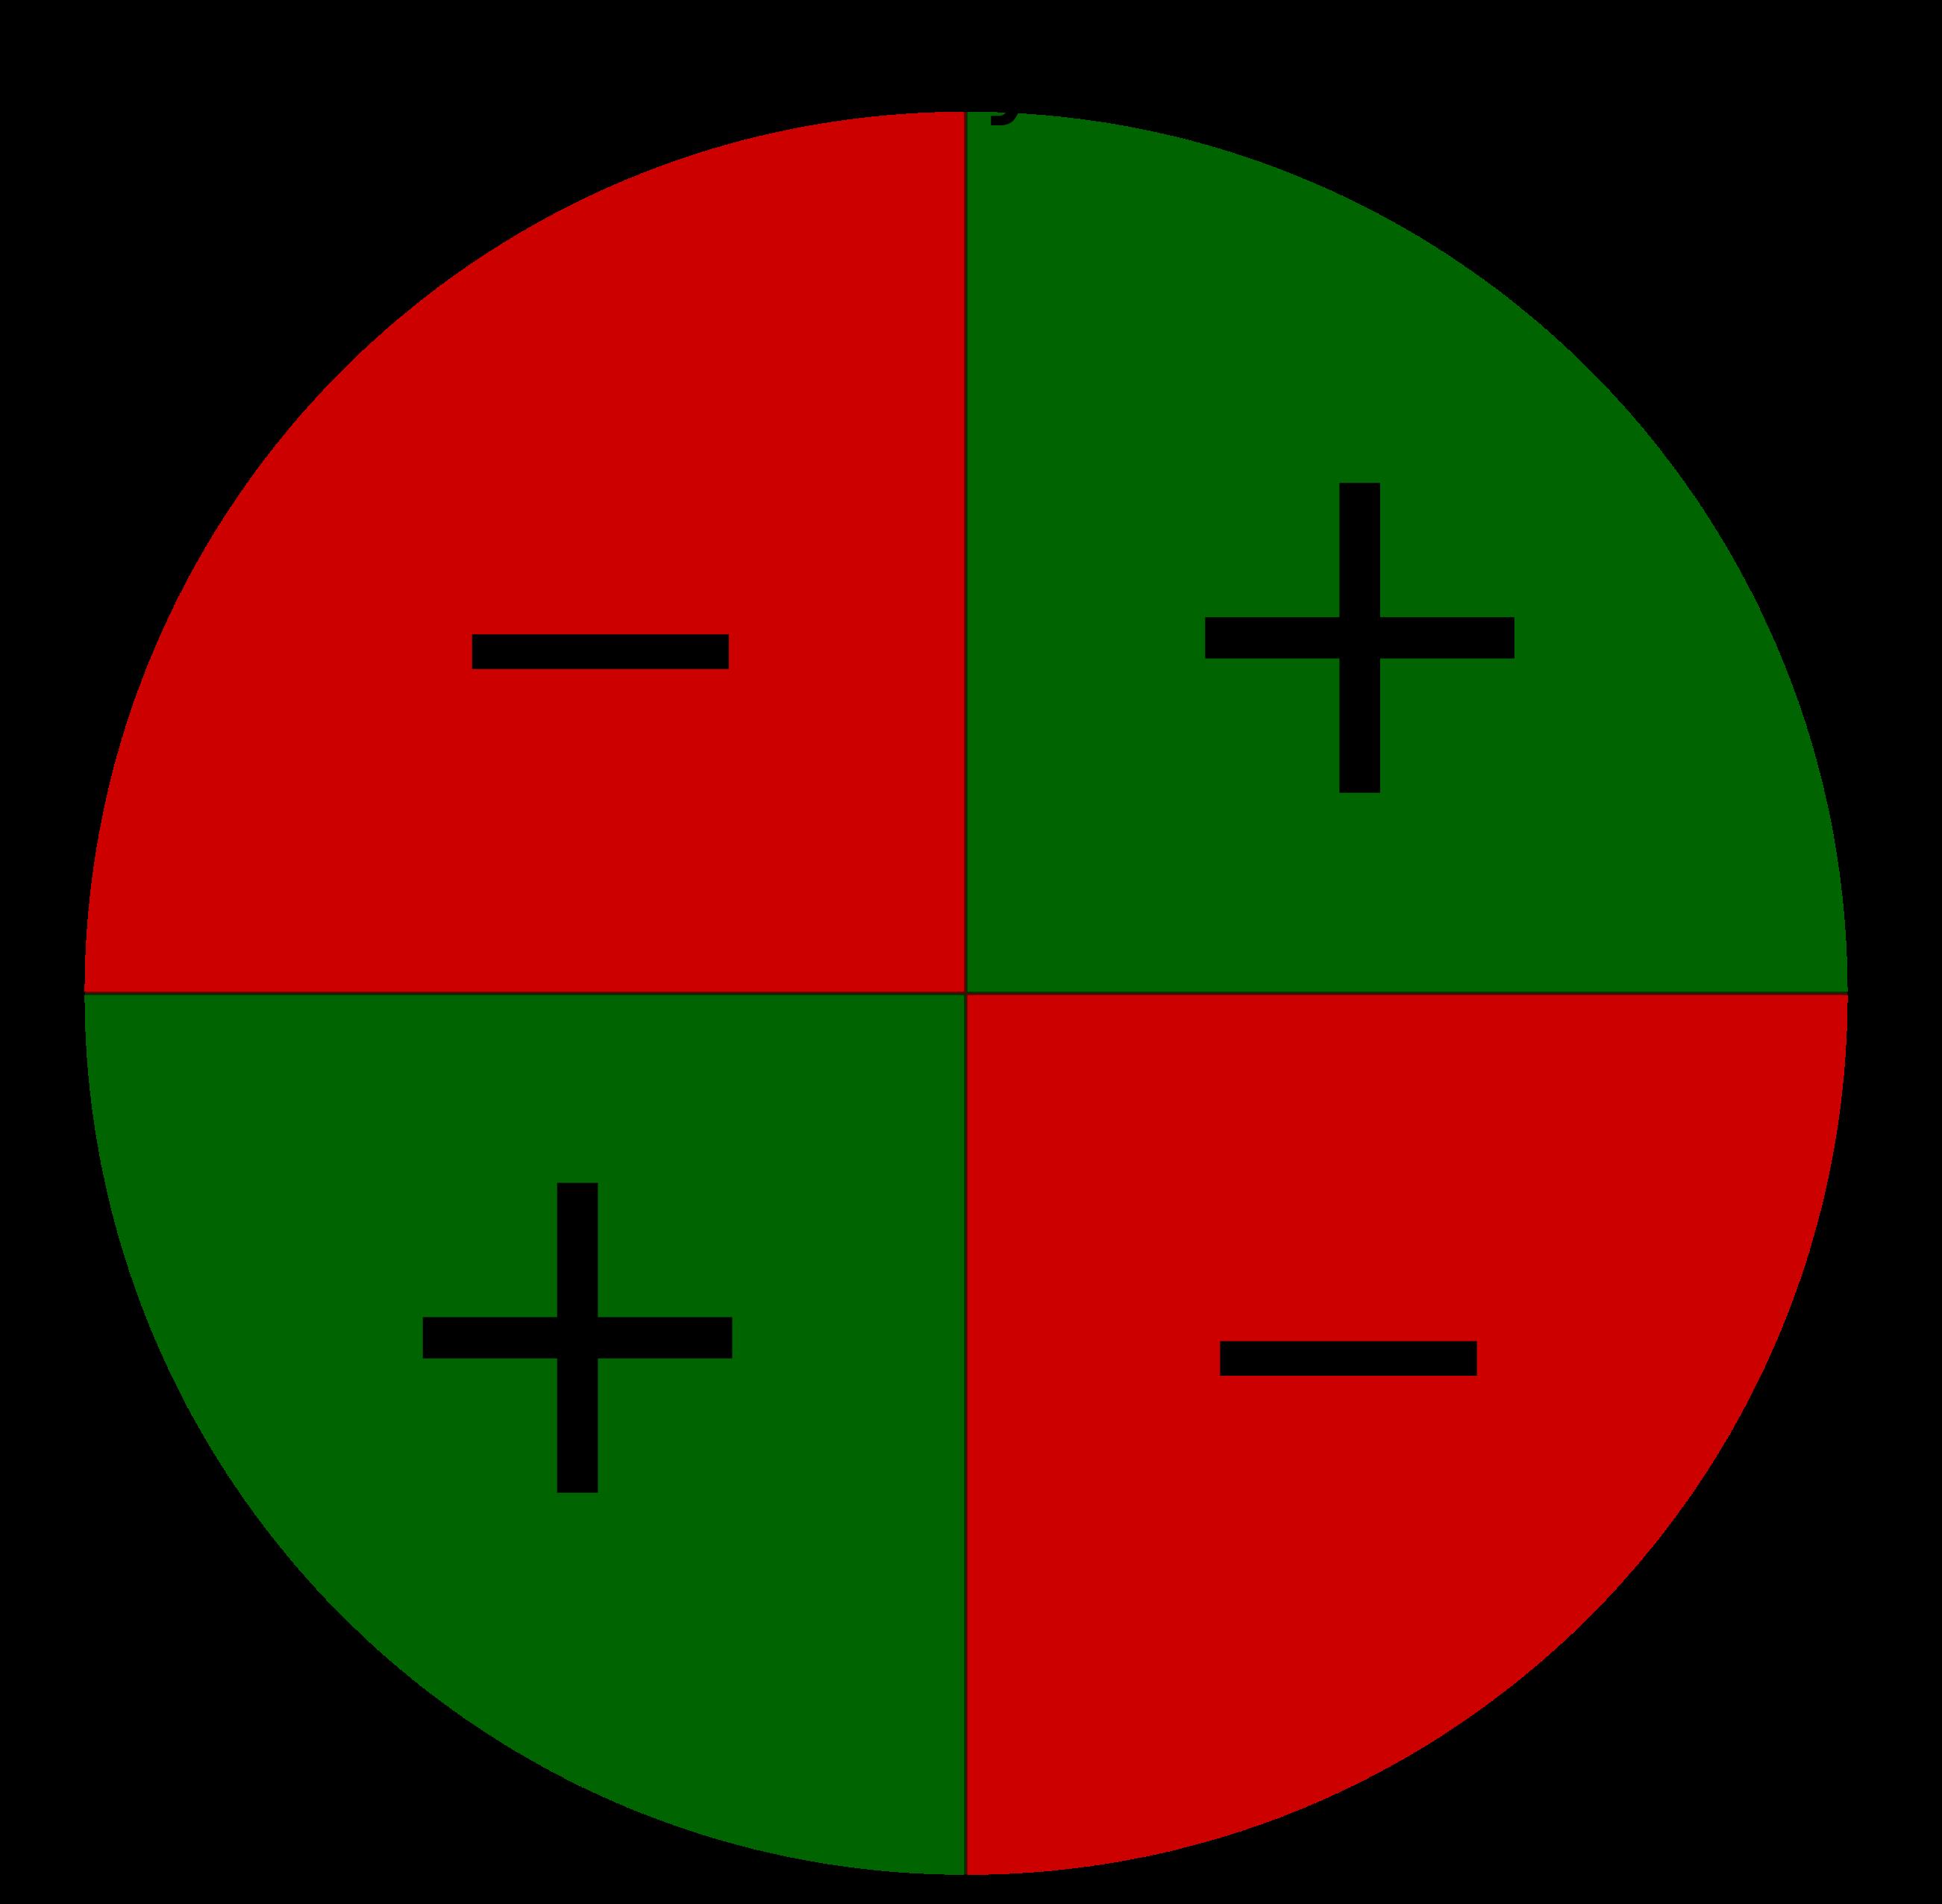 Einheitskreis Tangensvorzeichen